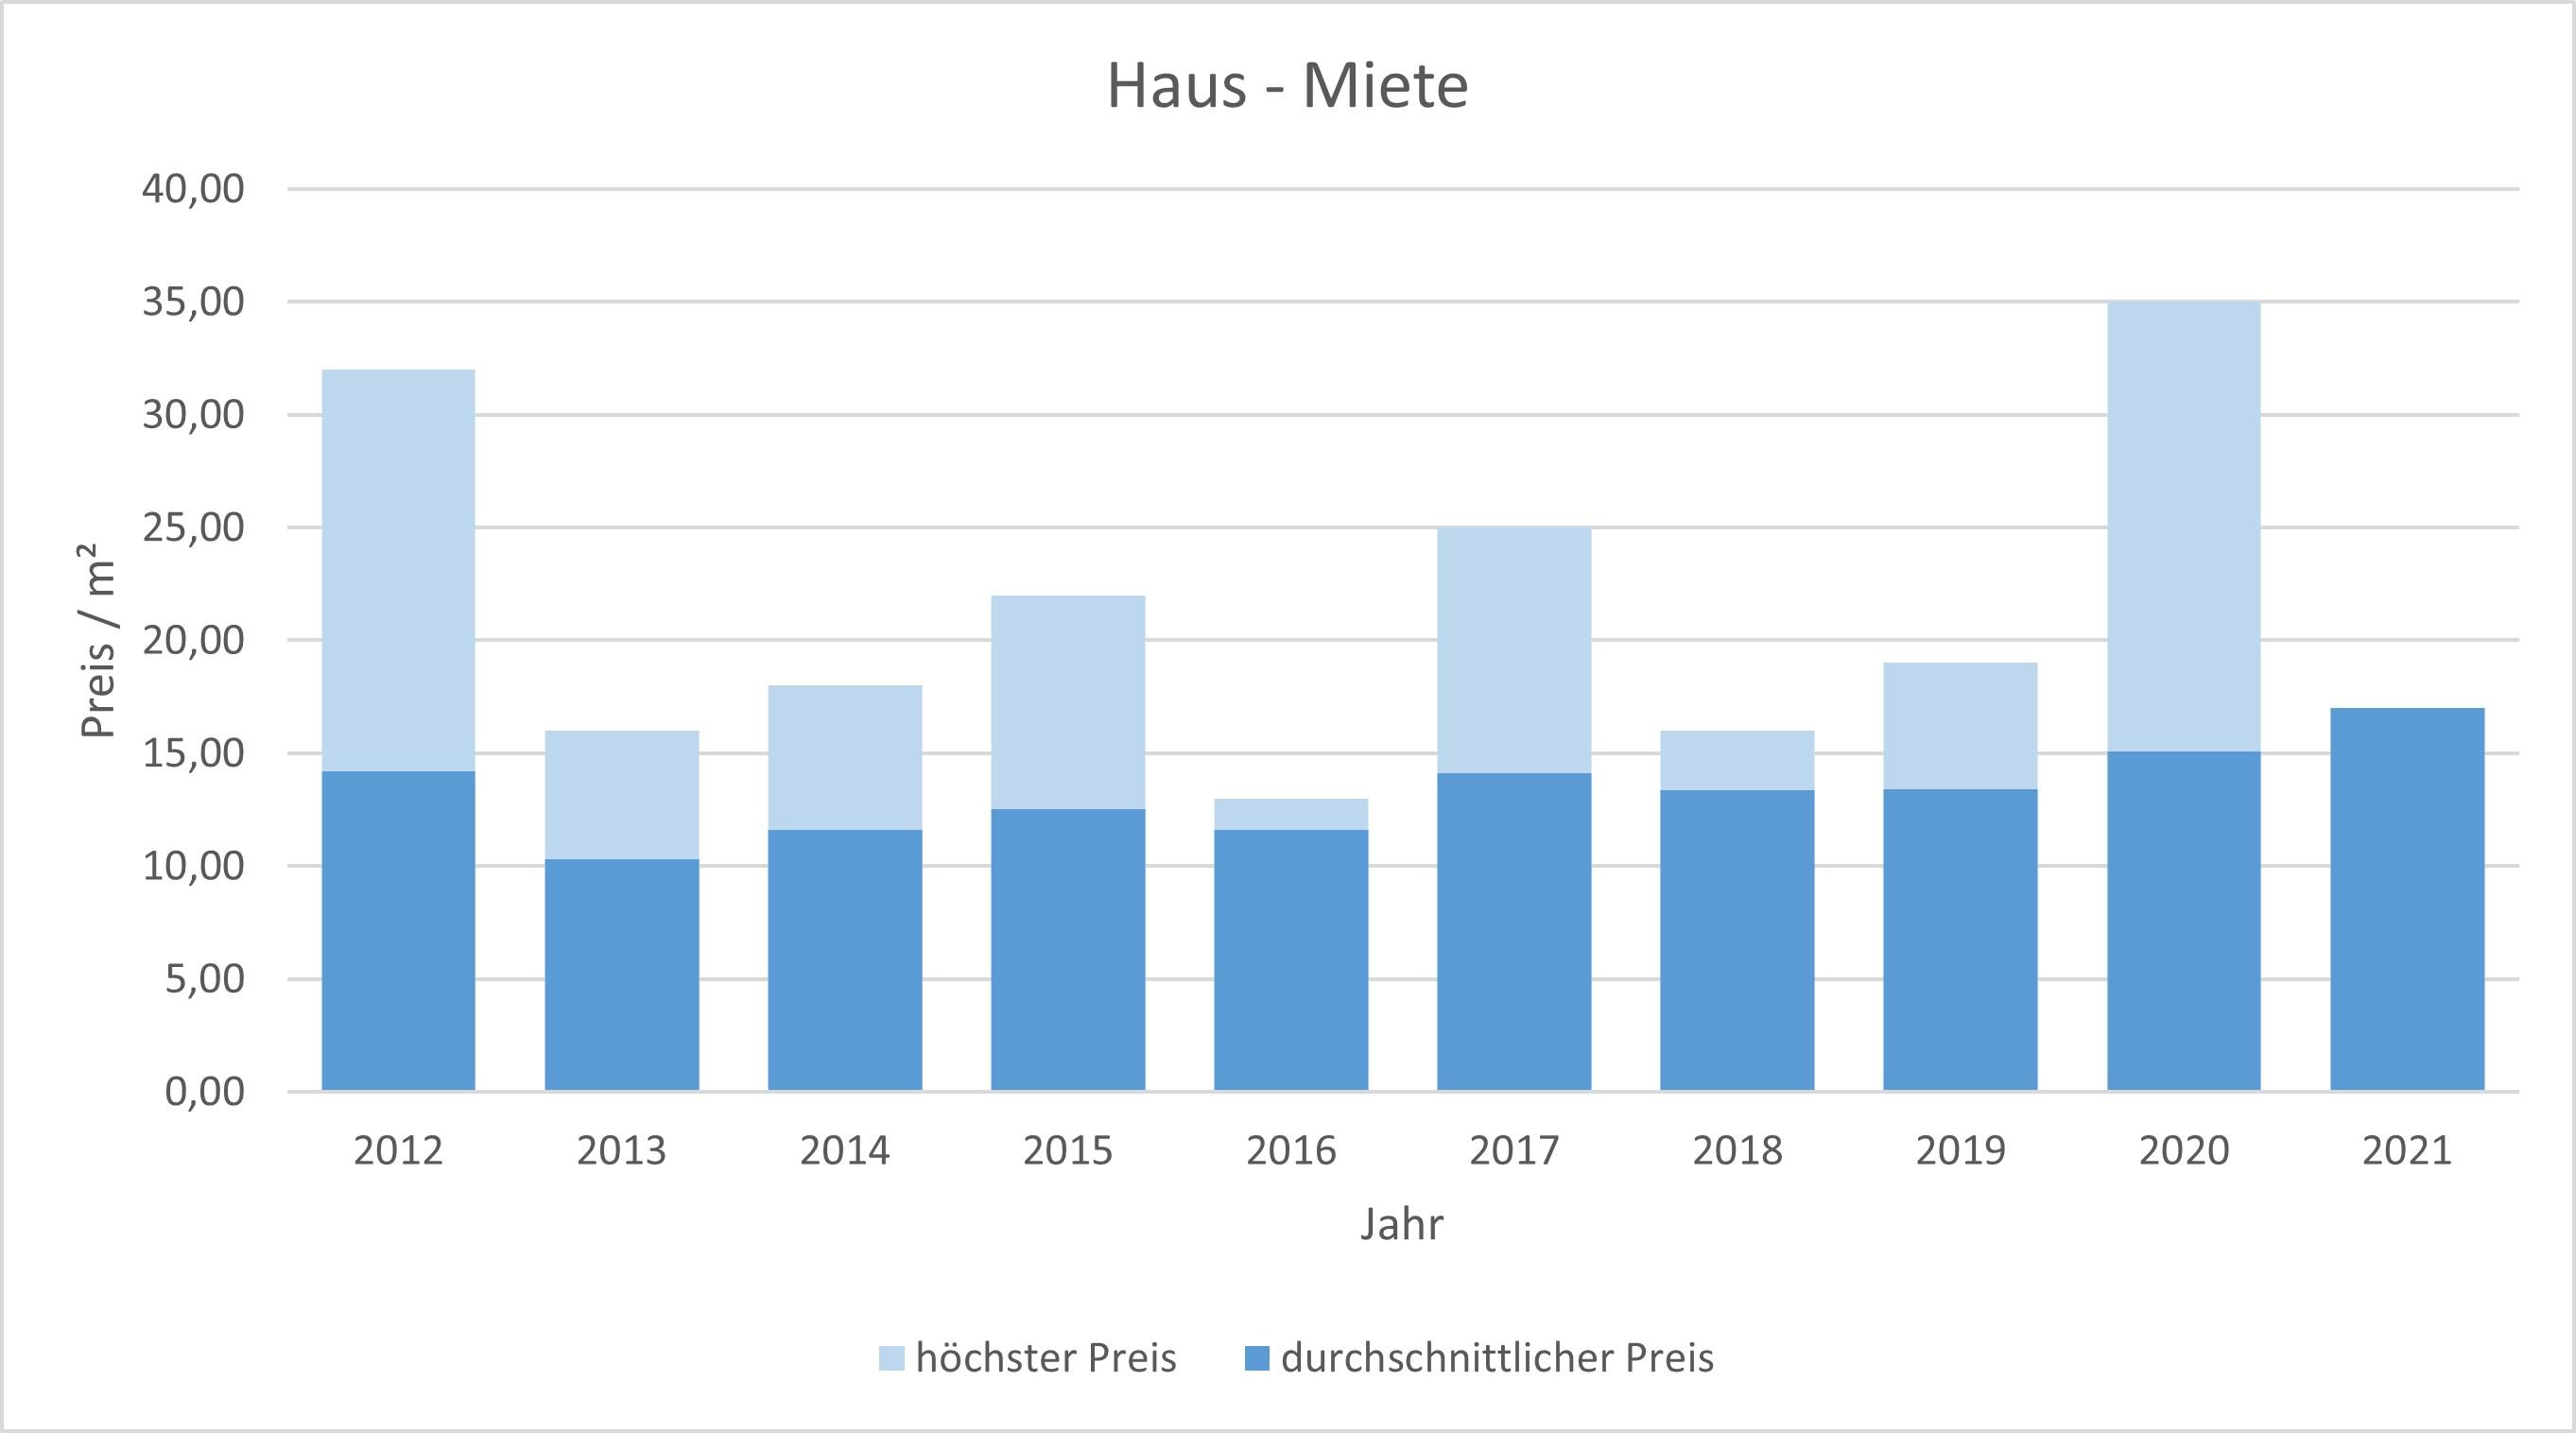 Wörthsee Haus mieten vermieten Preis Bewertung Makler www.happy-immo.de 2019 2020 2021